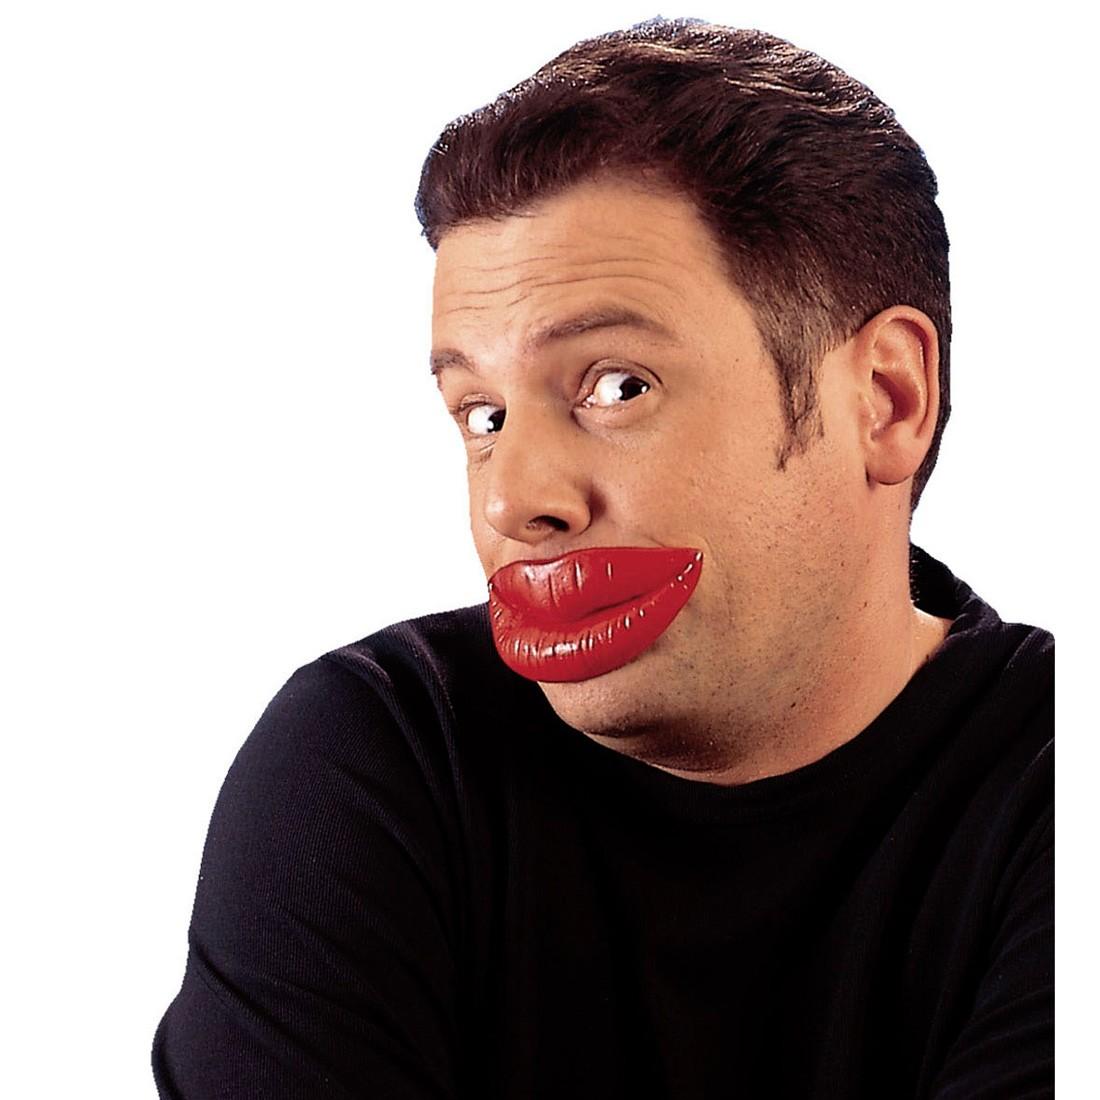 Rote Kuss Lippen JGA Kusslippen Knutschmund Scherzartikel, 4,49 €